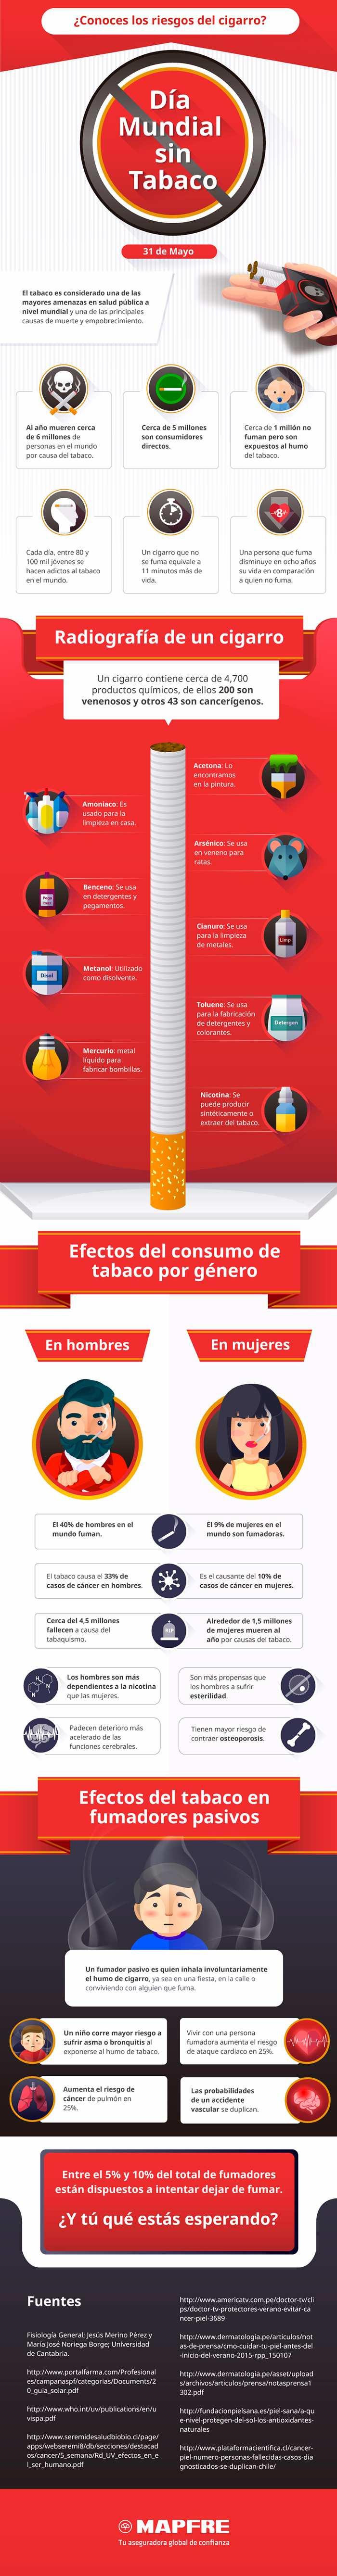 efectos de tabaco en la salud